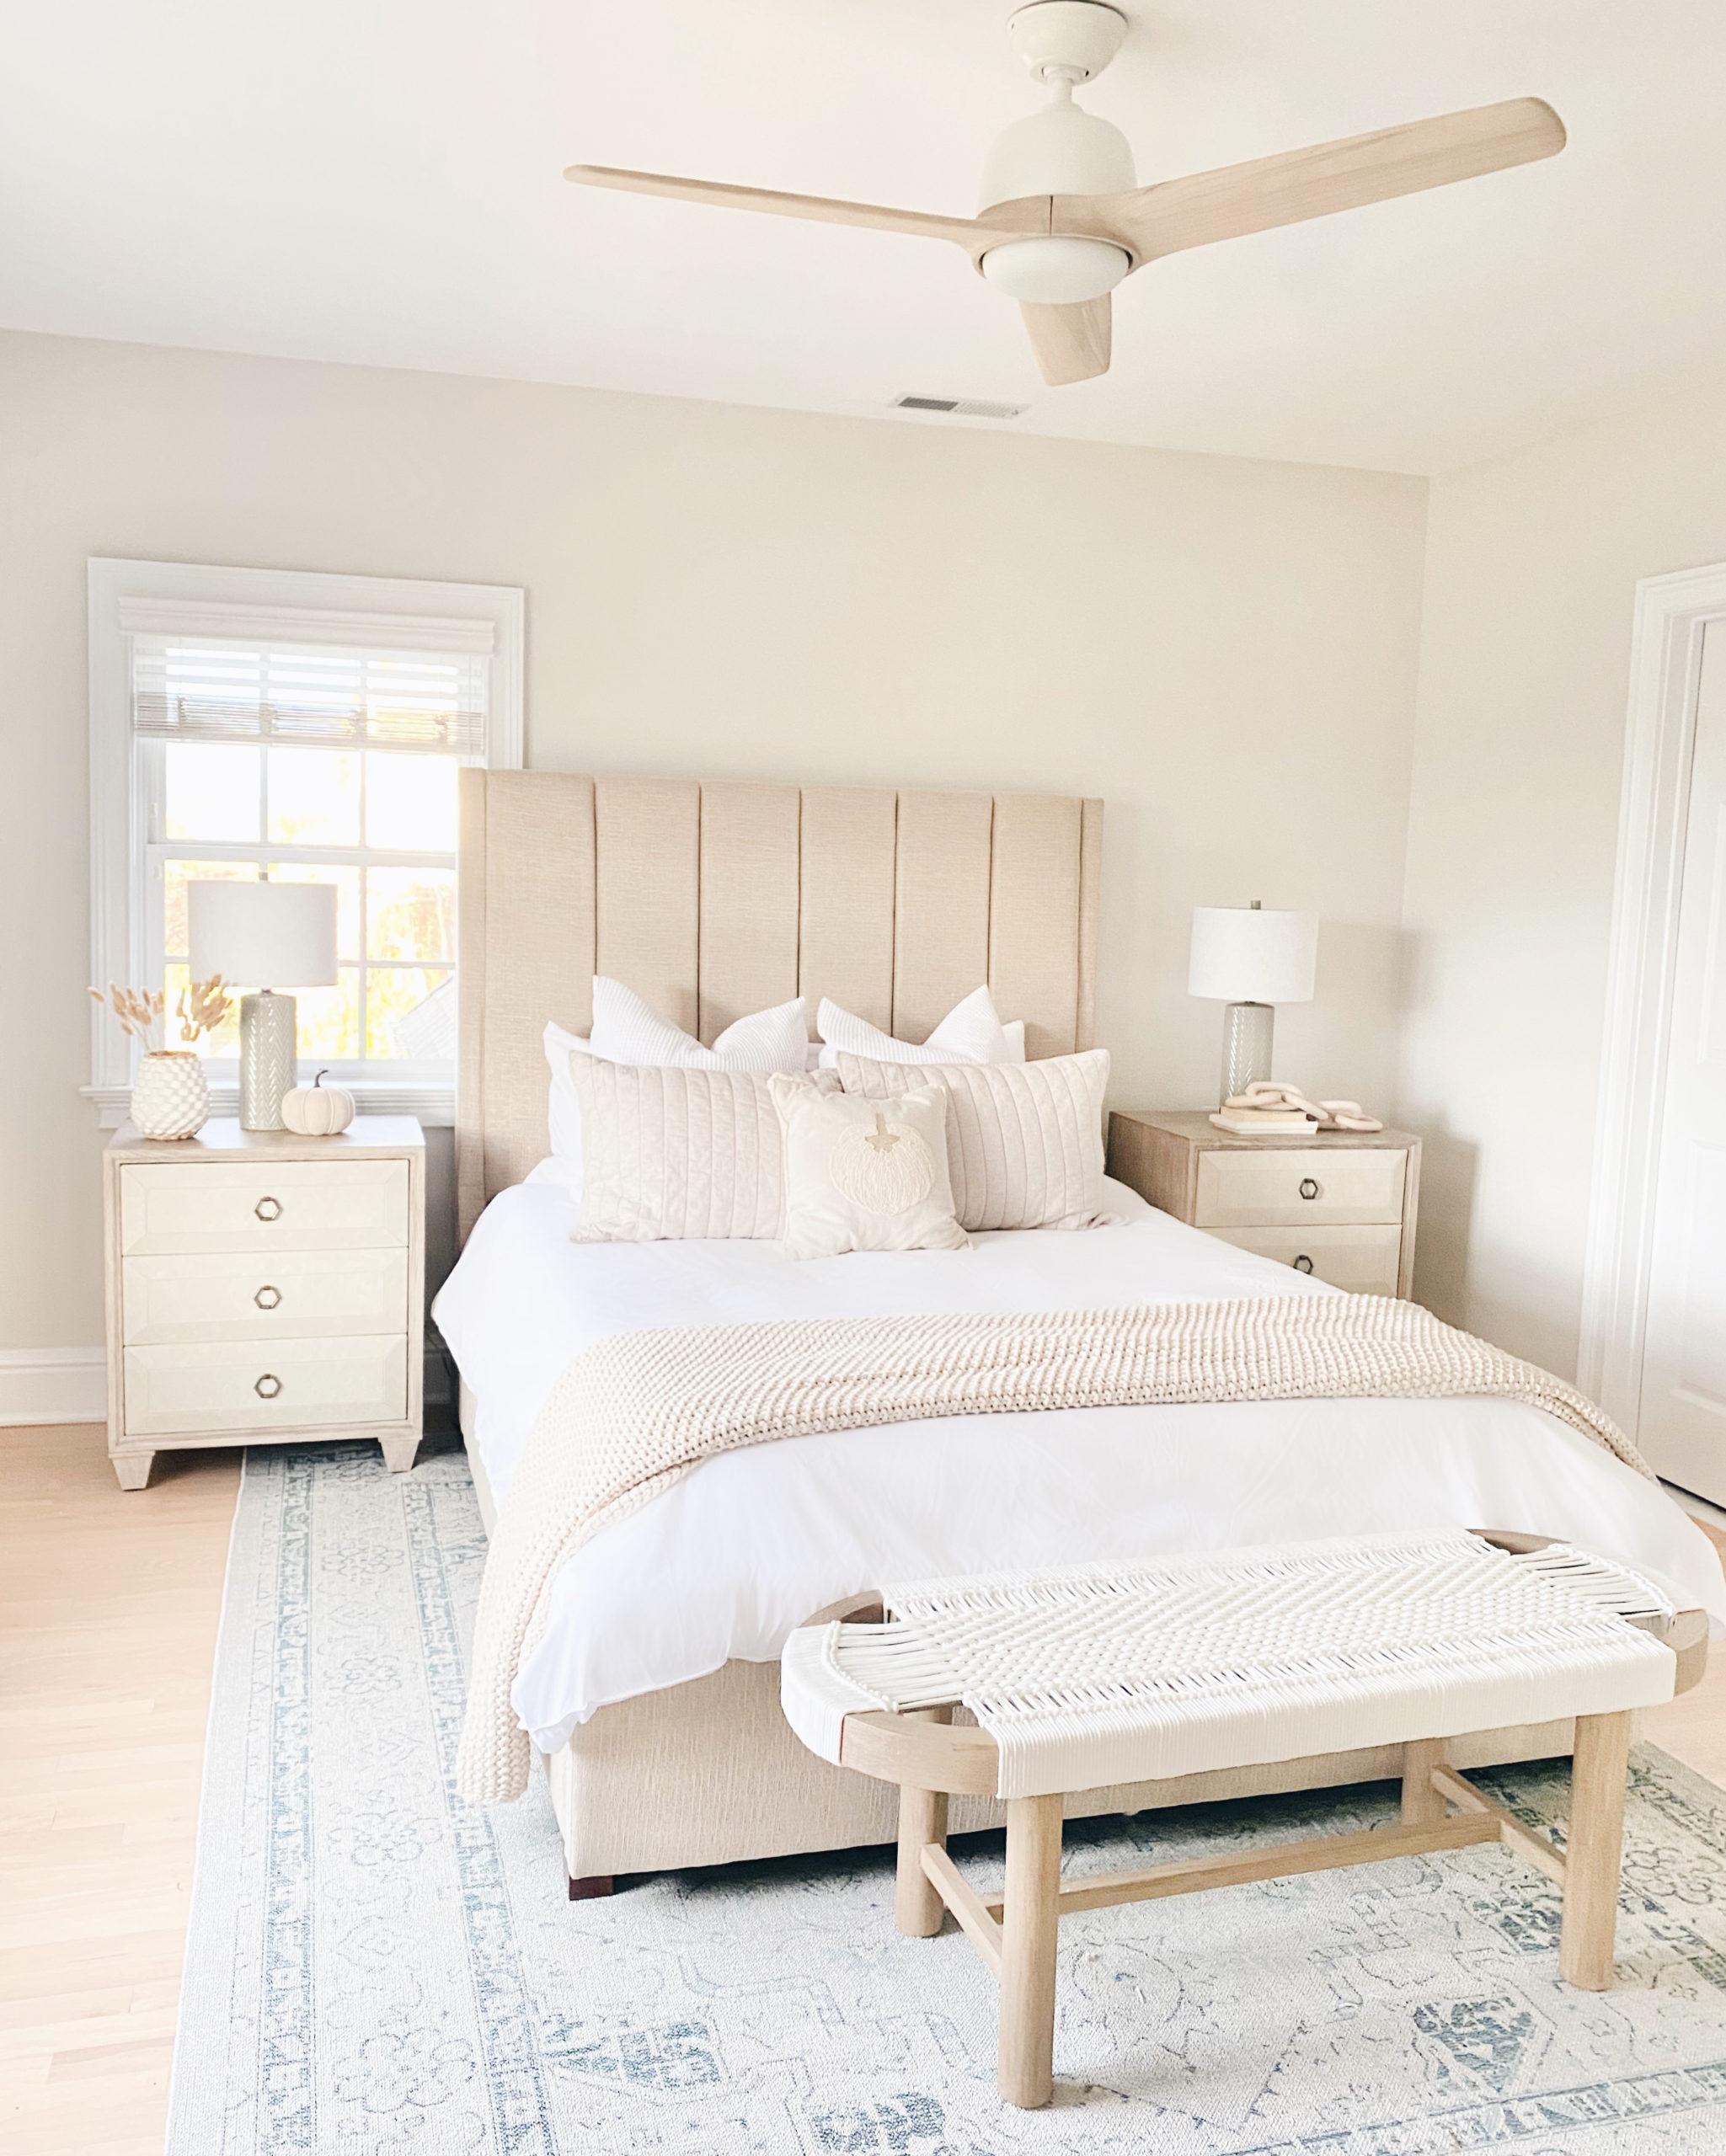 8 foot by 10 foot area rug under queen bed